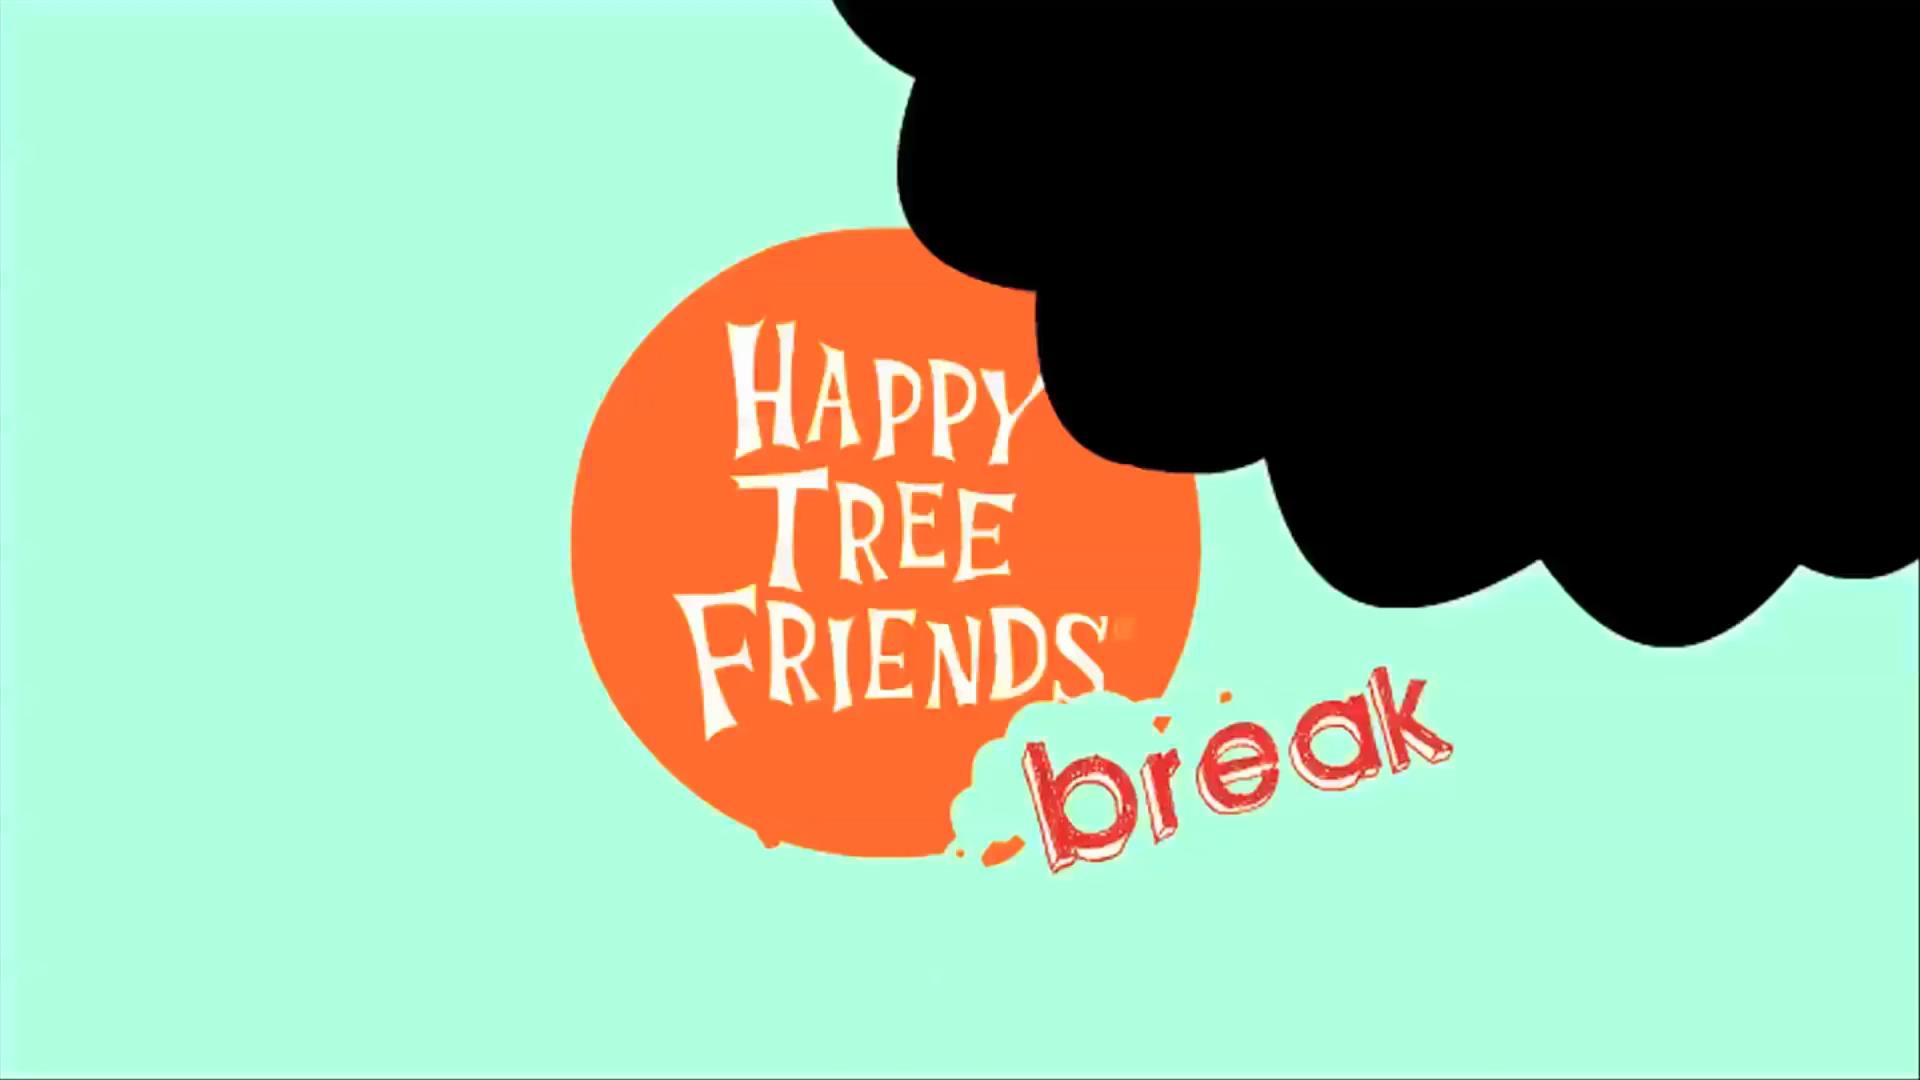 انیمیشن دوستان درختی شاد-فصل HTF Break قسمت 11- سال 2008- تمام قسمت ها در لینک زیر این ویدیو